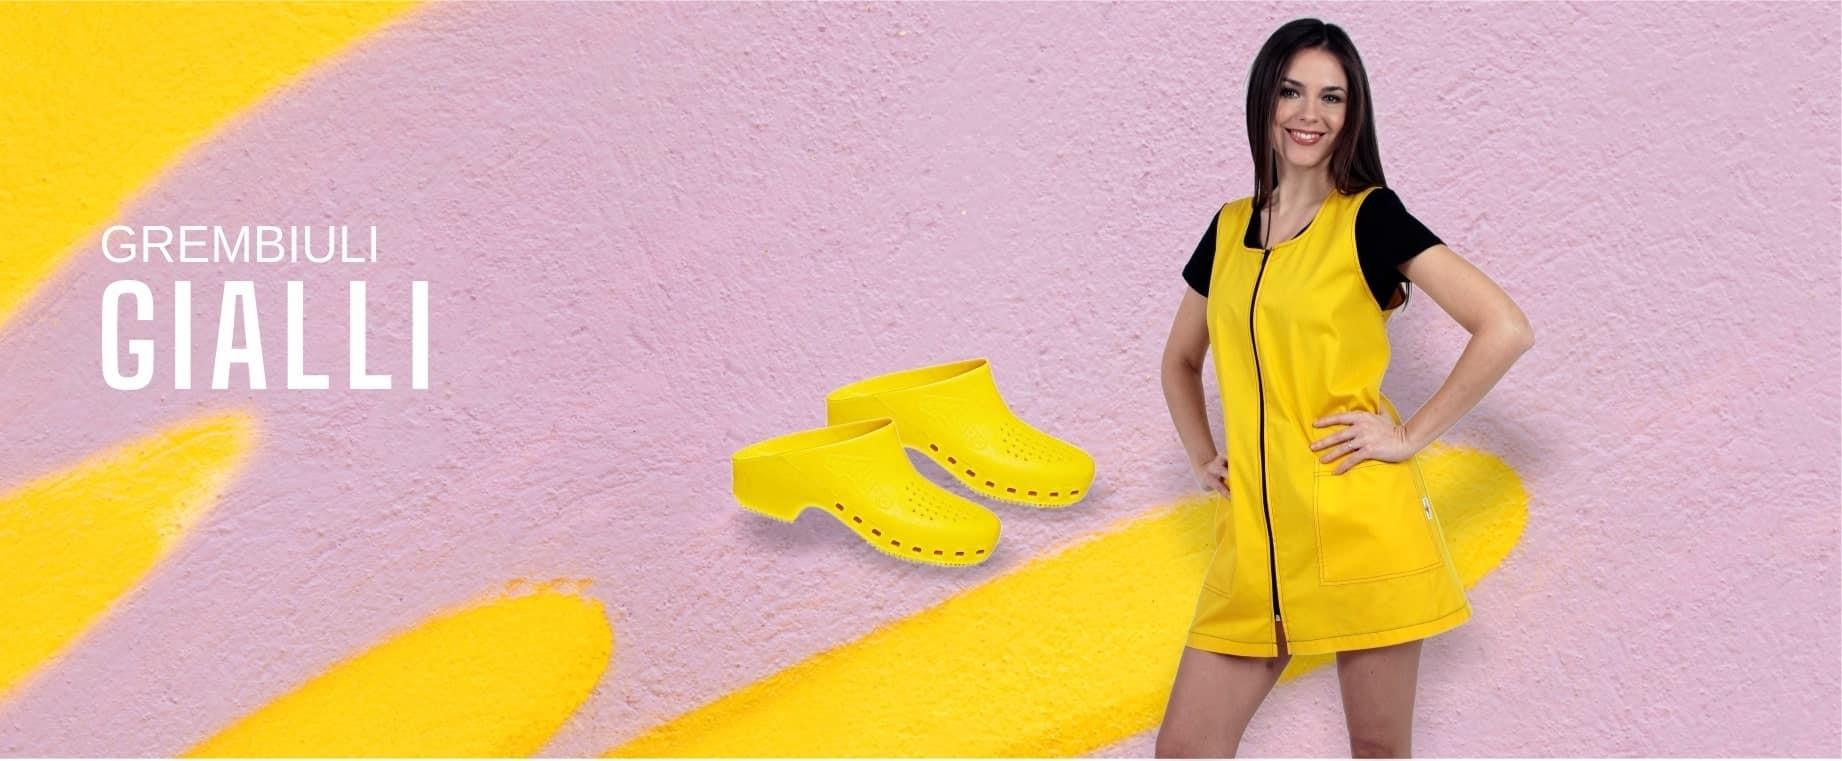 Grembiuli maestra giallo